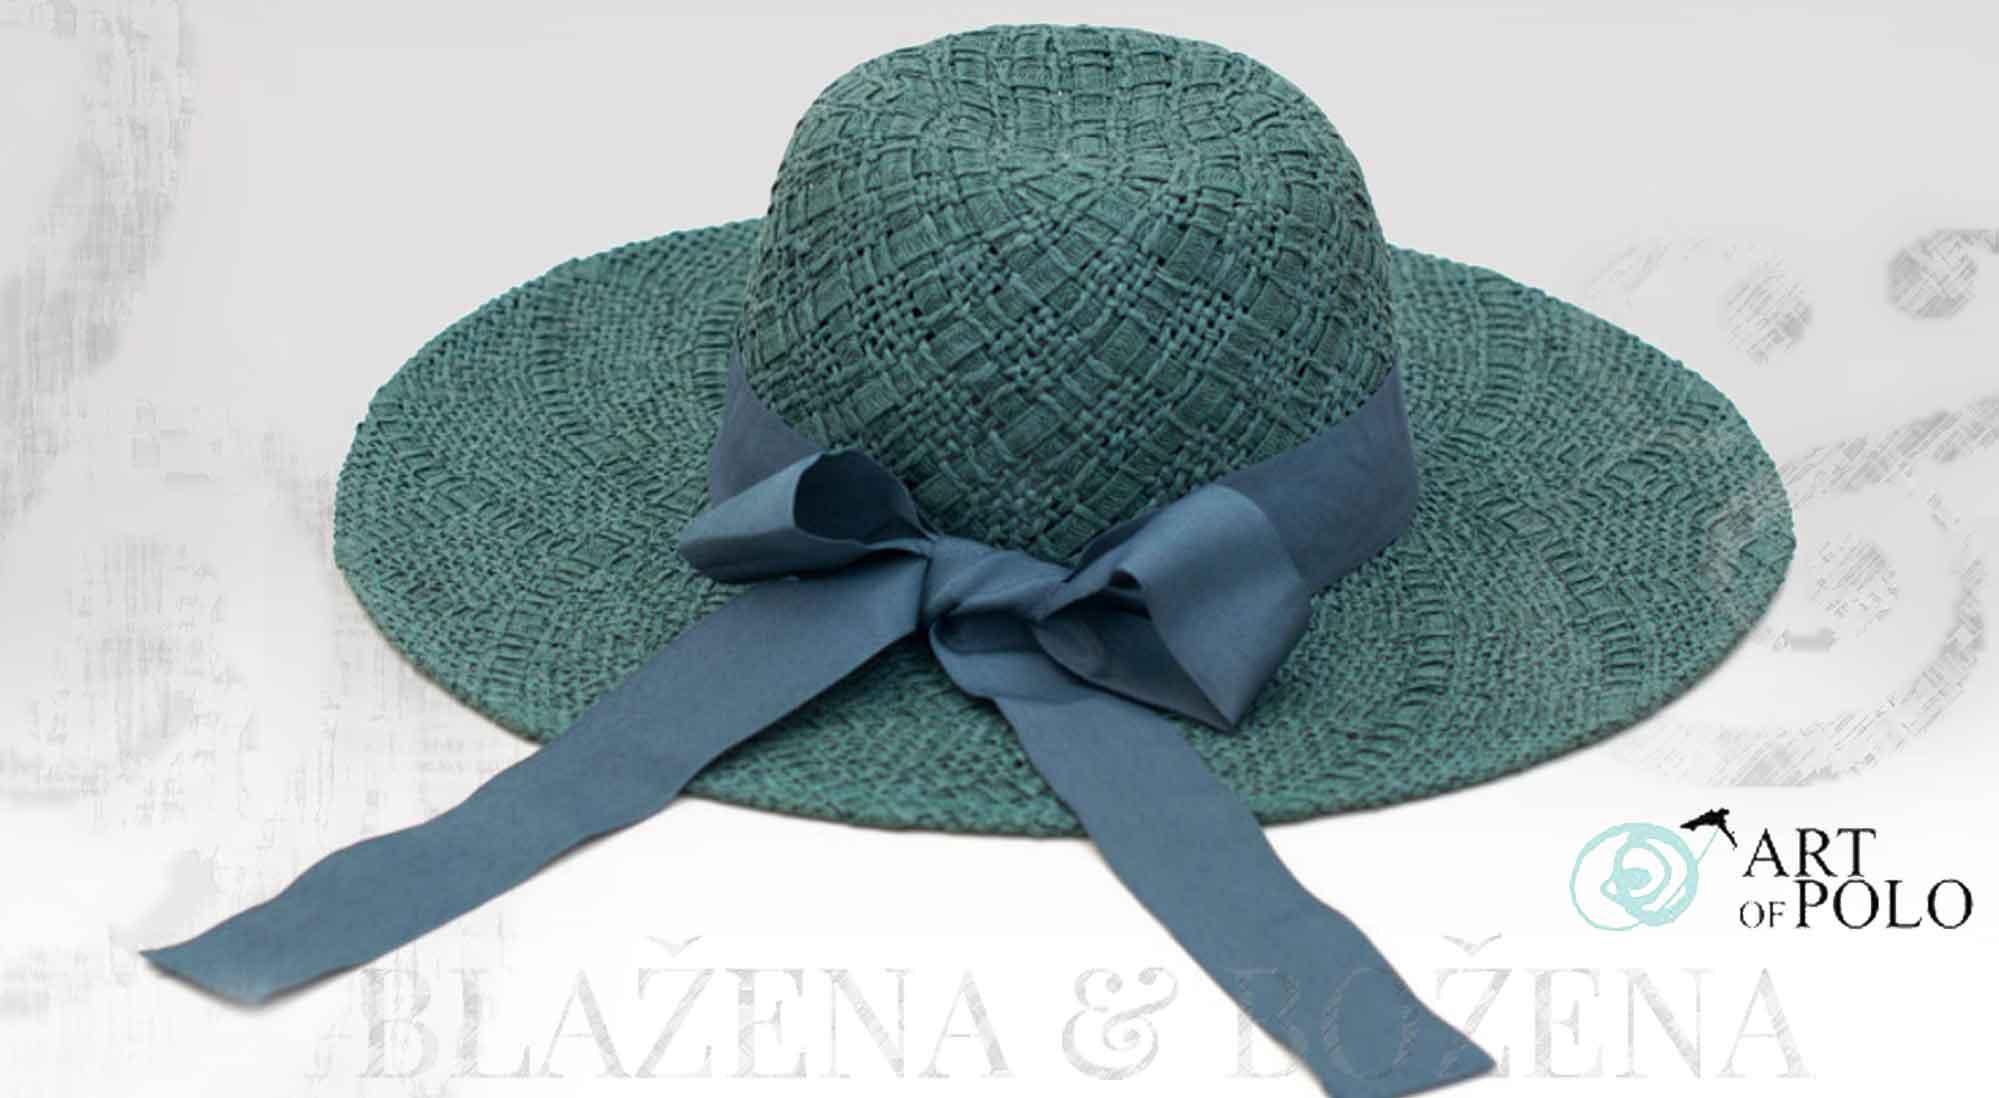 Blažena Božena. královny klobouků. Paví klobouk s mašlí Dame 630e3858eb